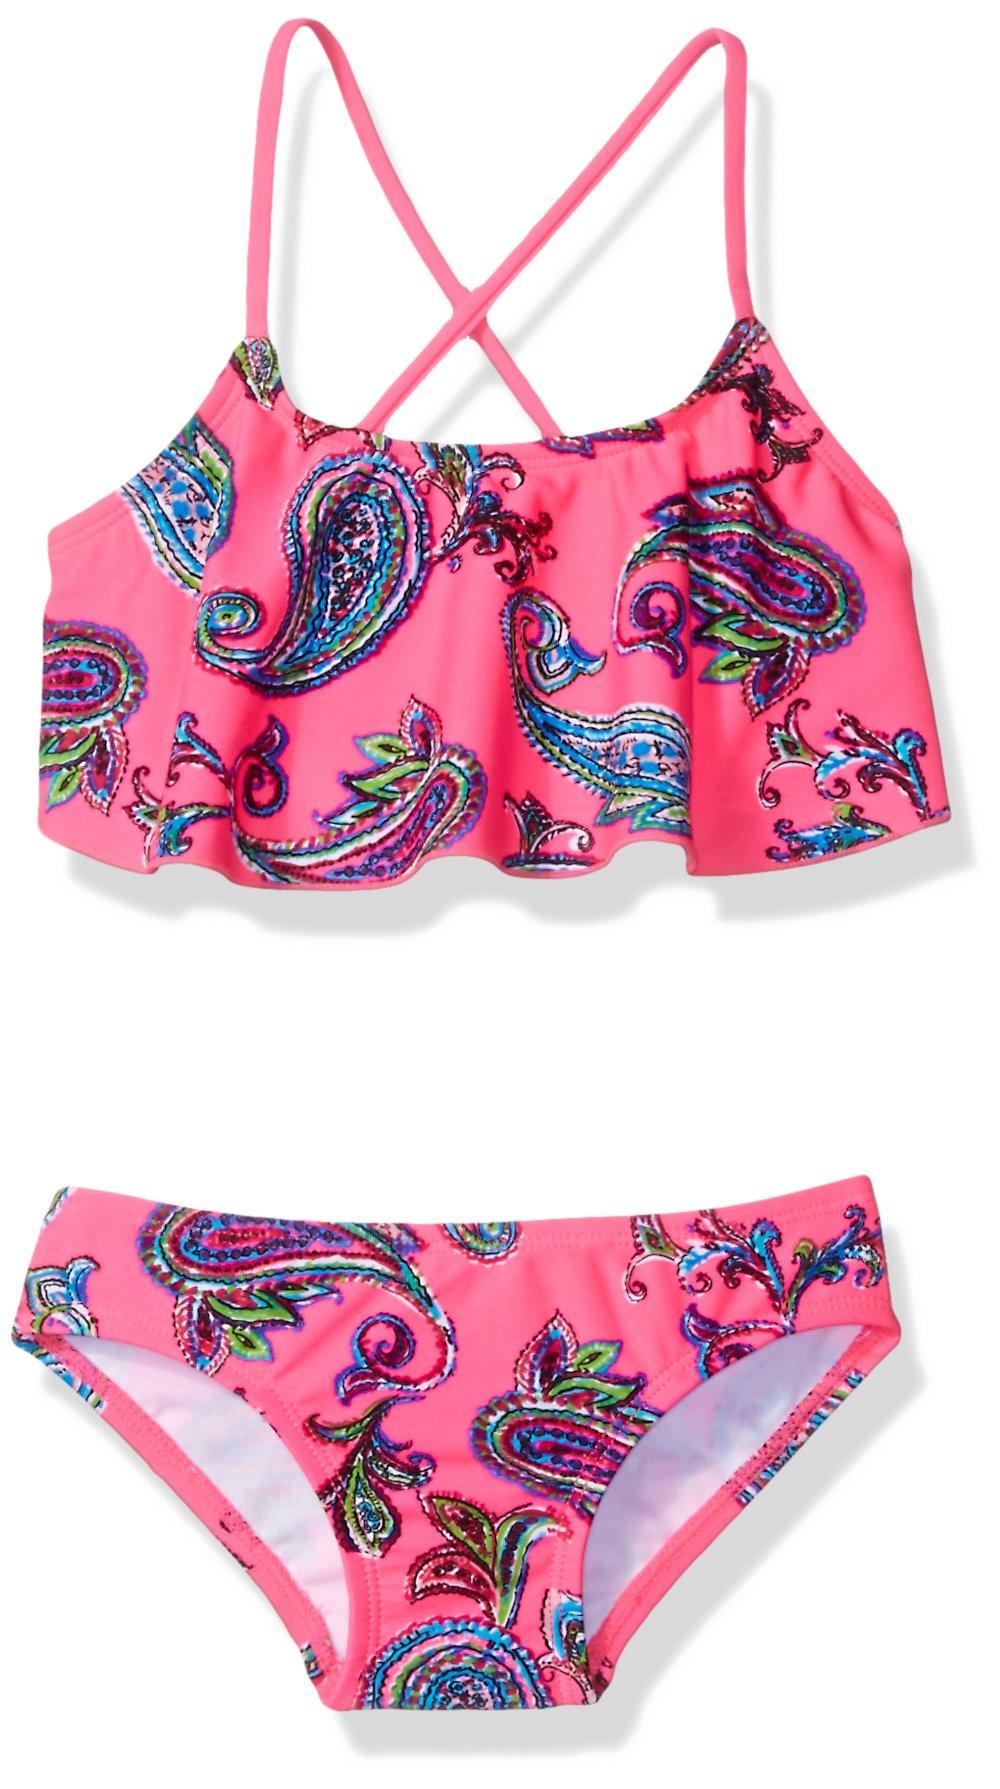 Kanu Surf Girls' Bikini